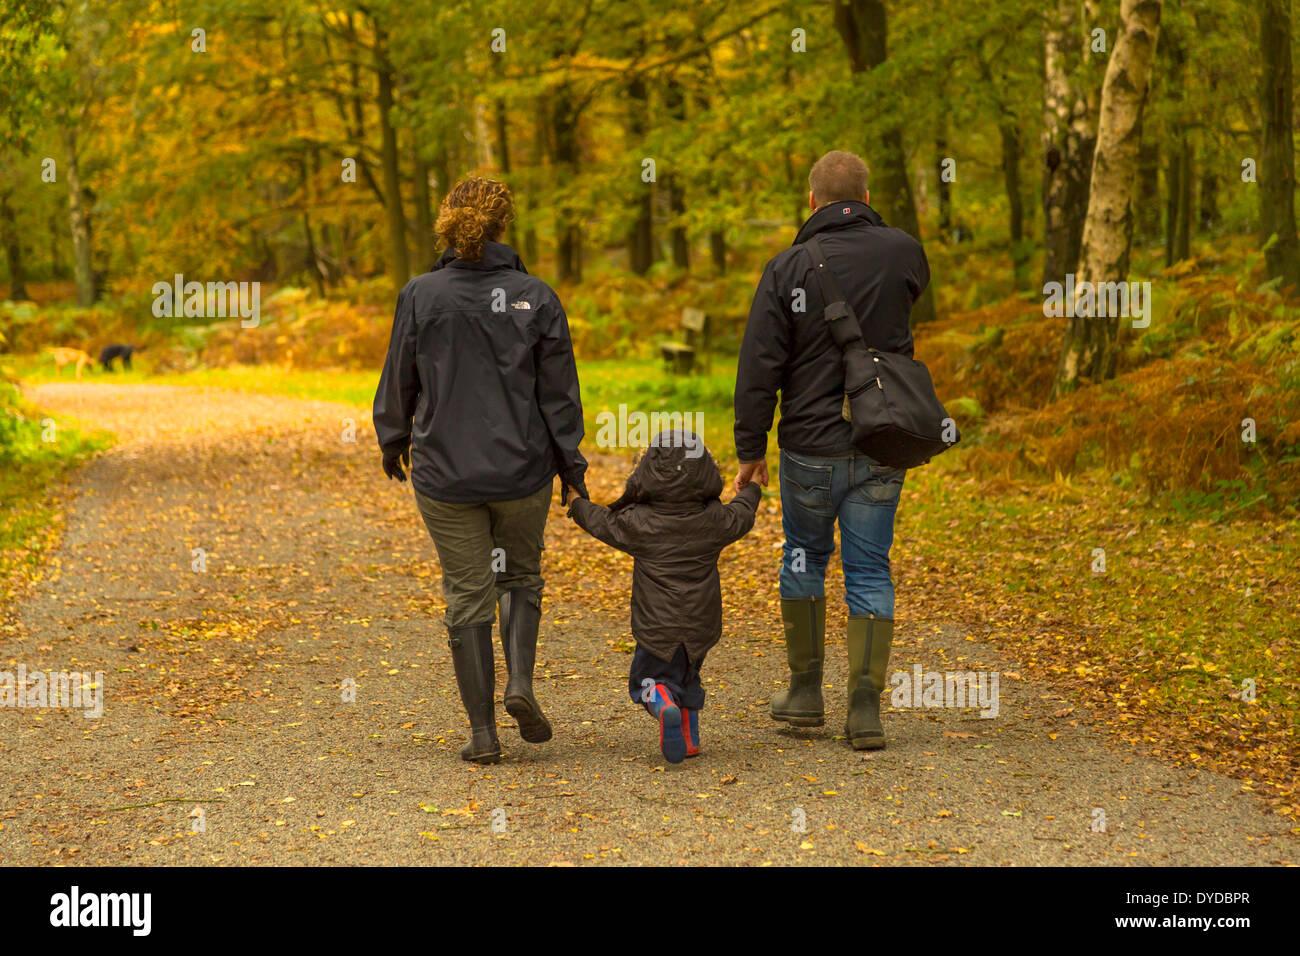 Un joven camina por el bosque la celebración de manos de sus padres. Imagen De Stock